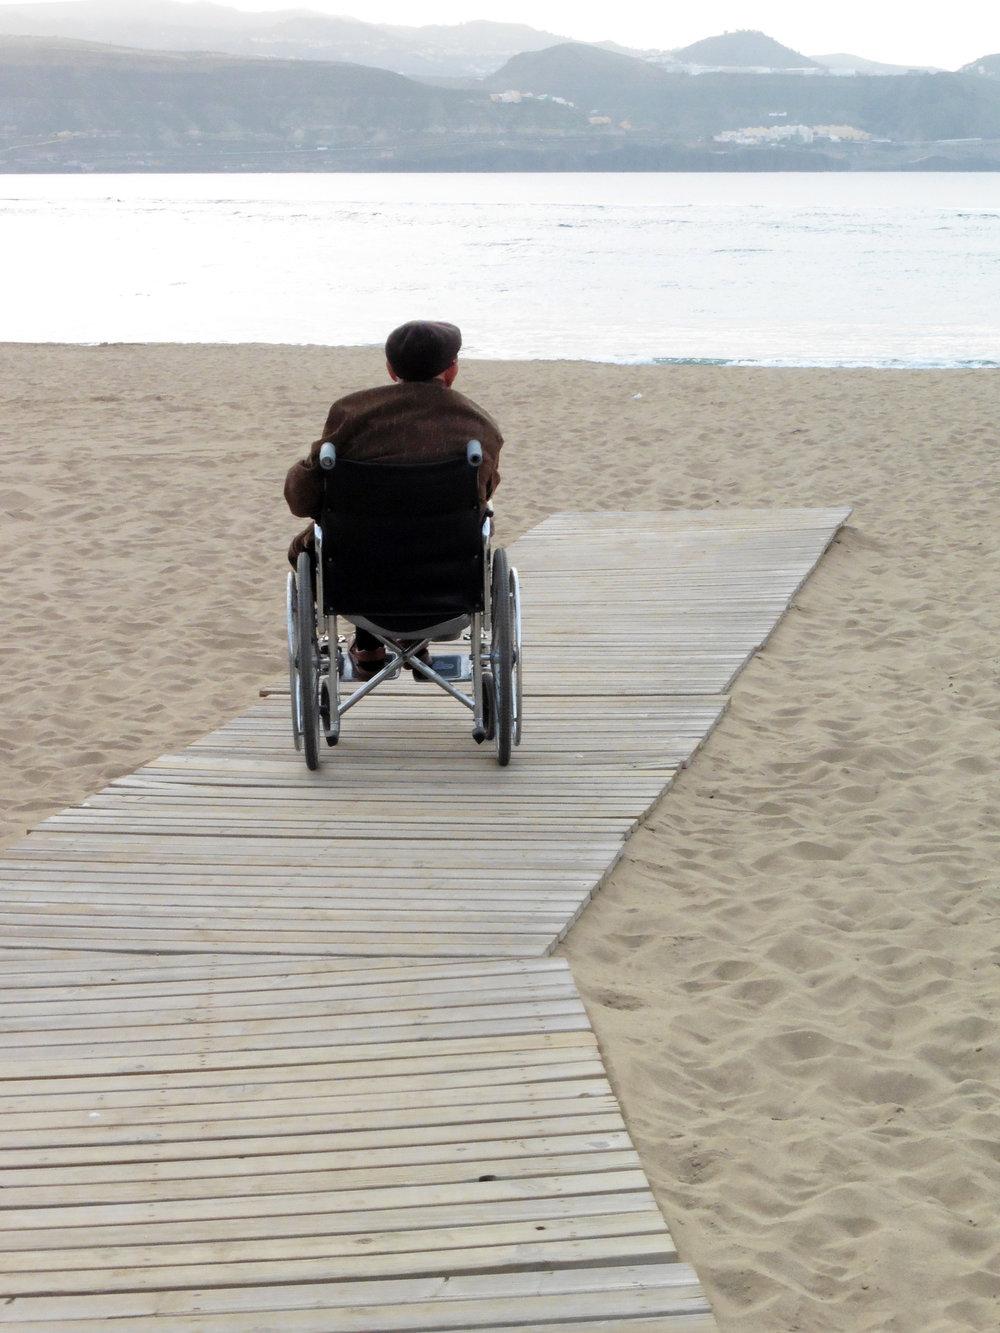 Foto realizada por Francisco González (discapacitado visual grave) durante el Proyecto Cámara Lúcida; un curso de fotografía para personas ciegas en Las Palmas de Gran Canaria.